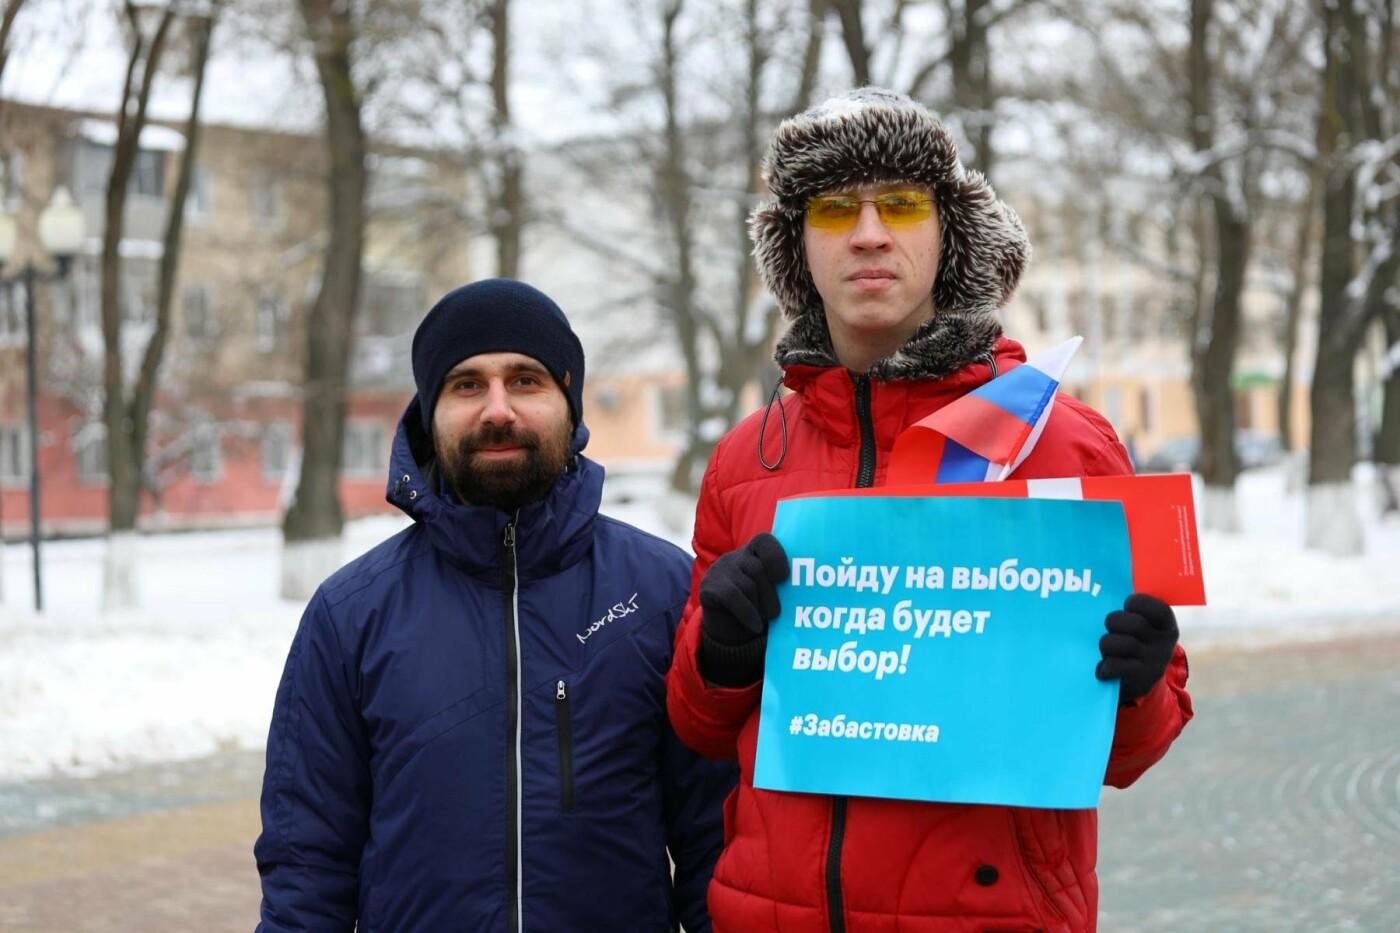 В Белгороде у Дома офицеров прошла «забастовка избирателей» — фоторепортаж, фото-38